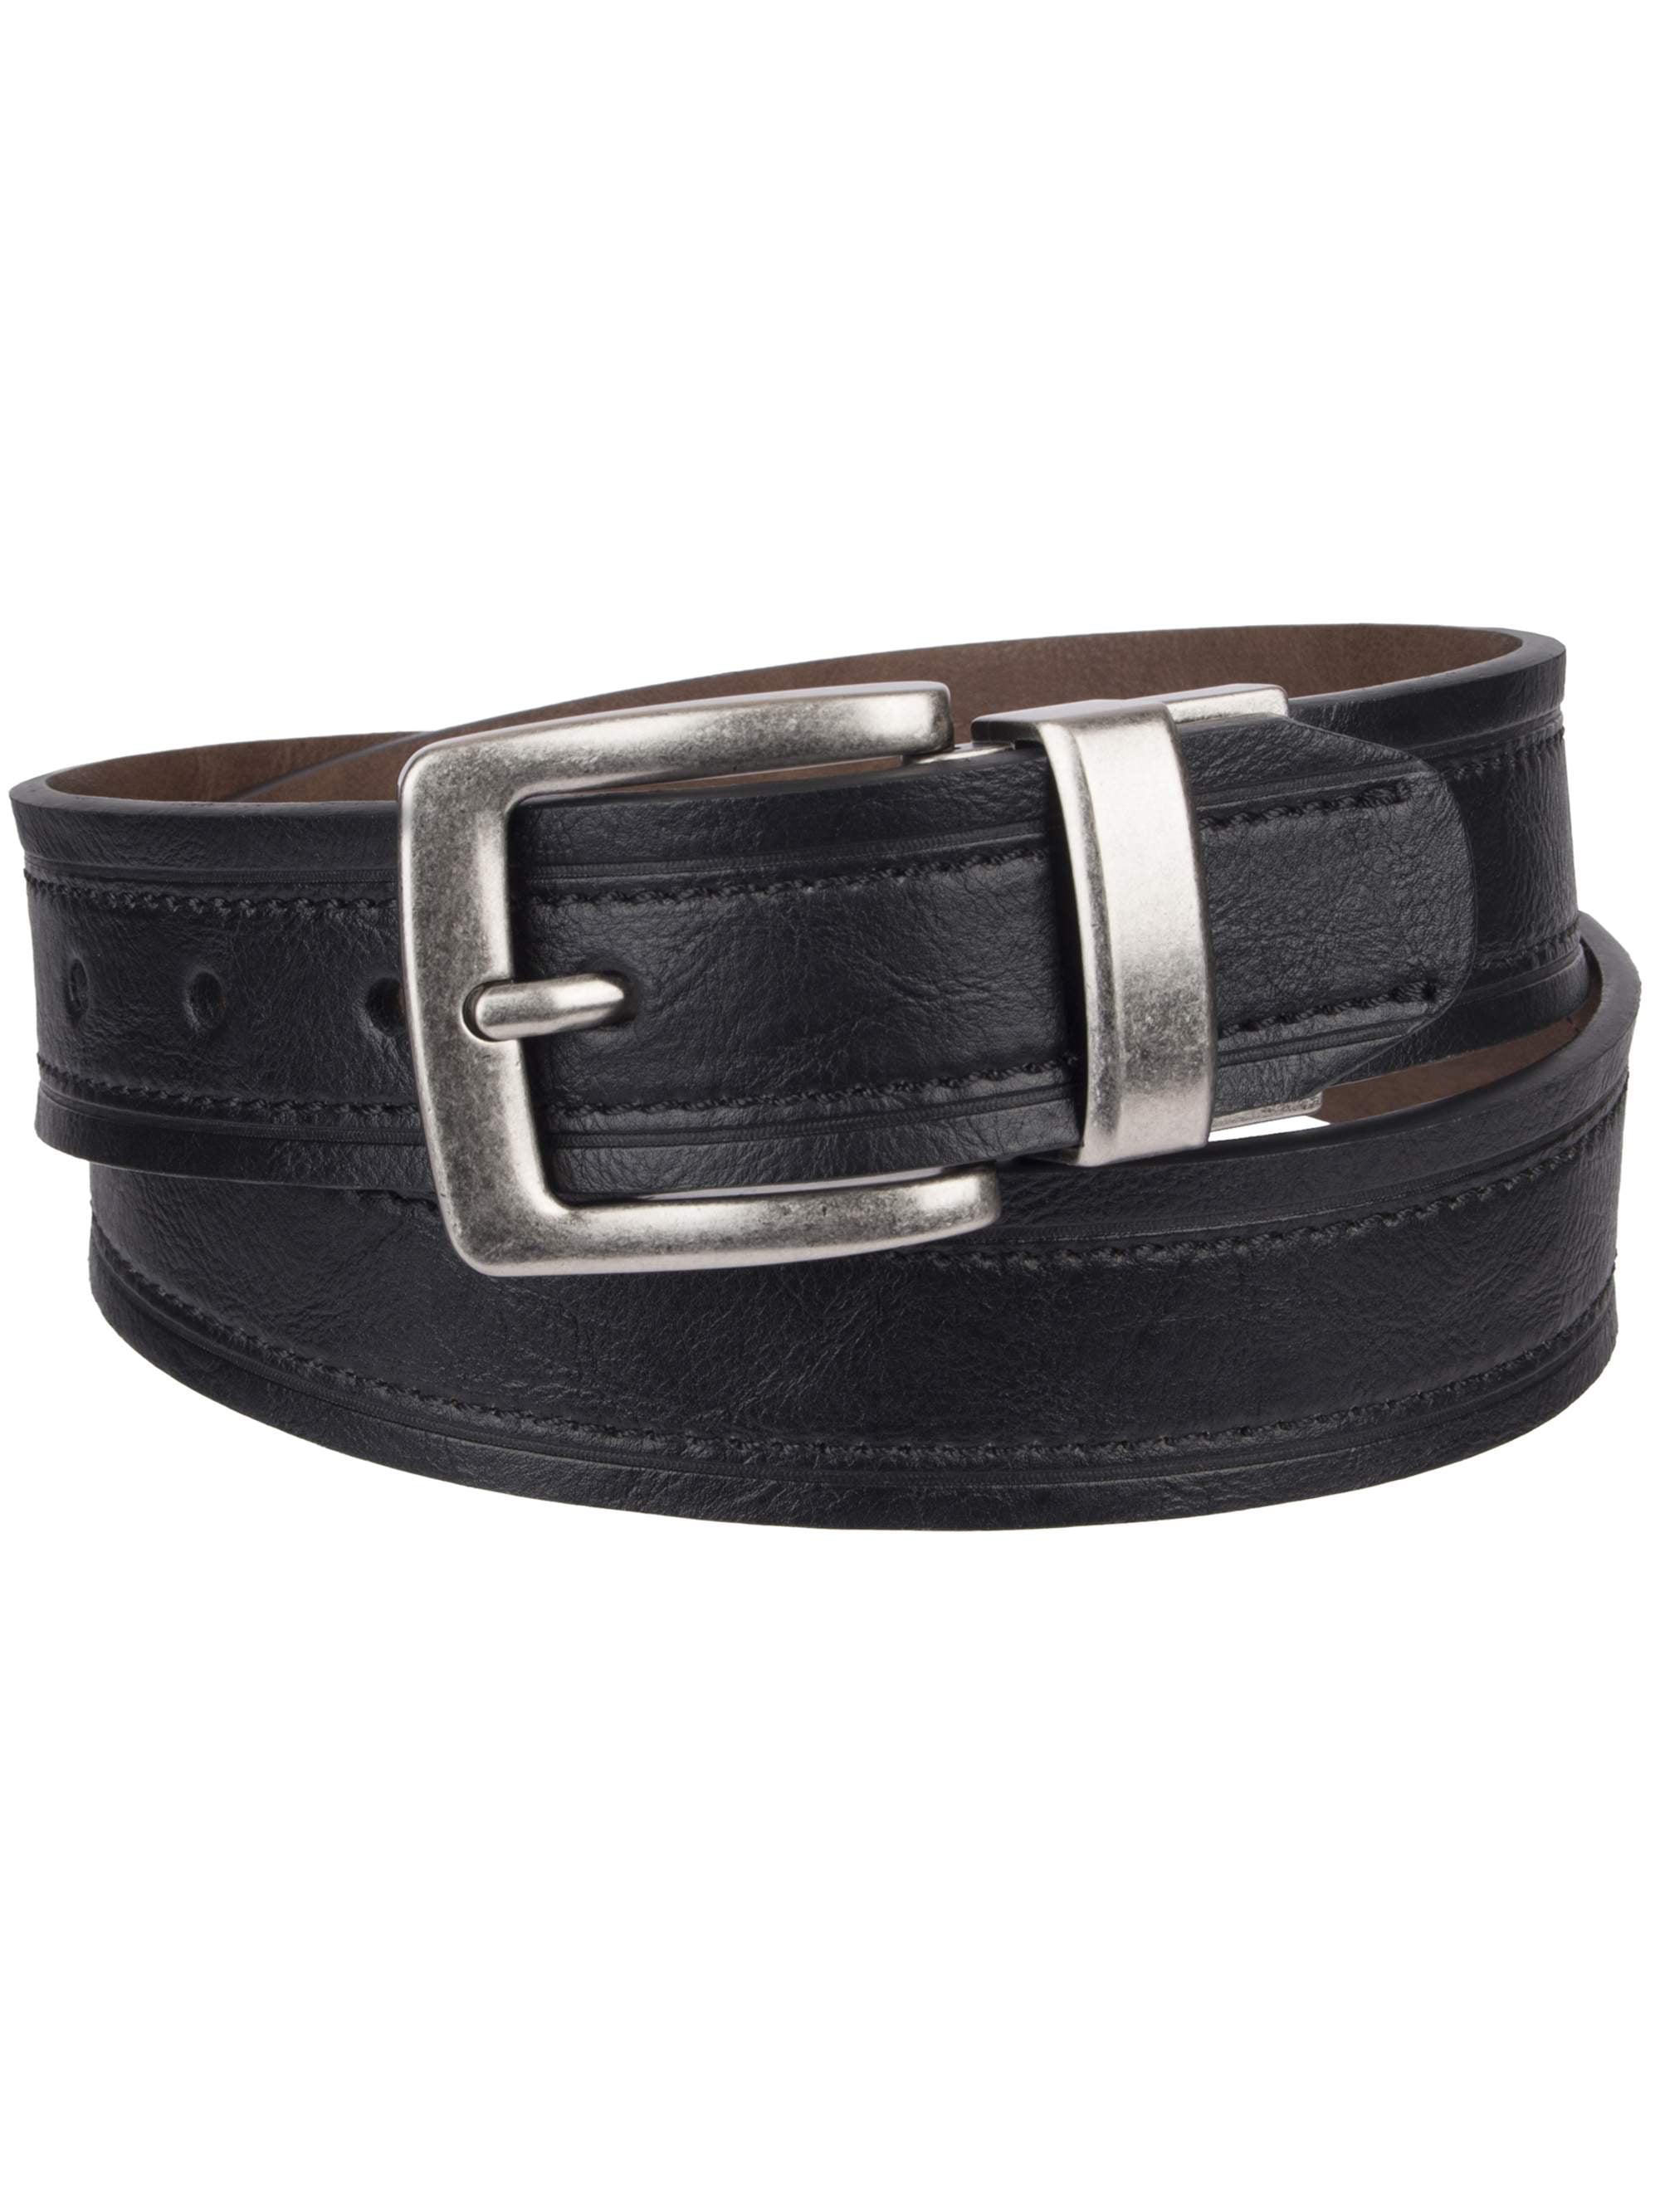 Genuine Dickies 1.5 Reversible Belt with Swivel Buckle